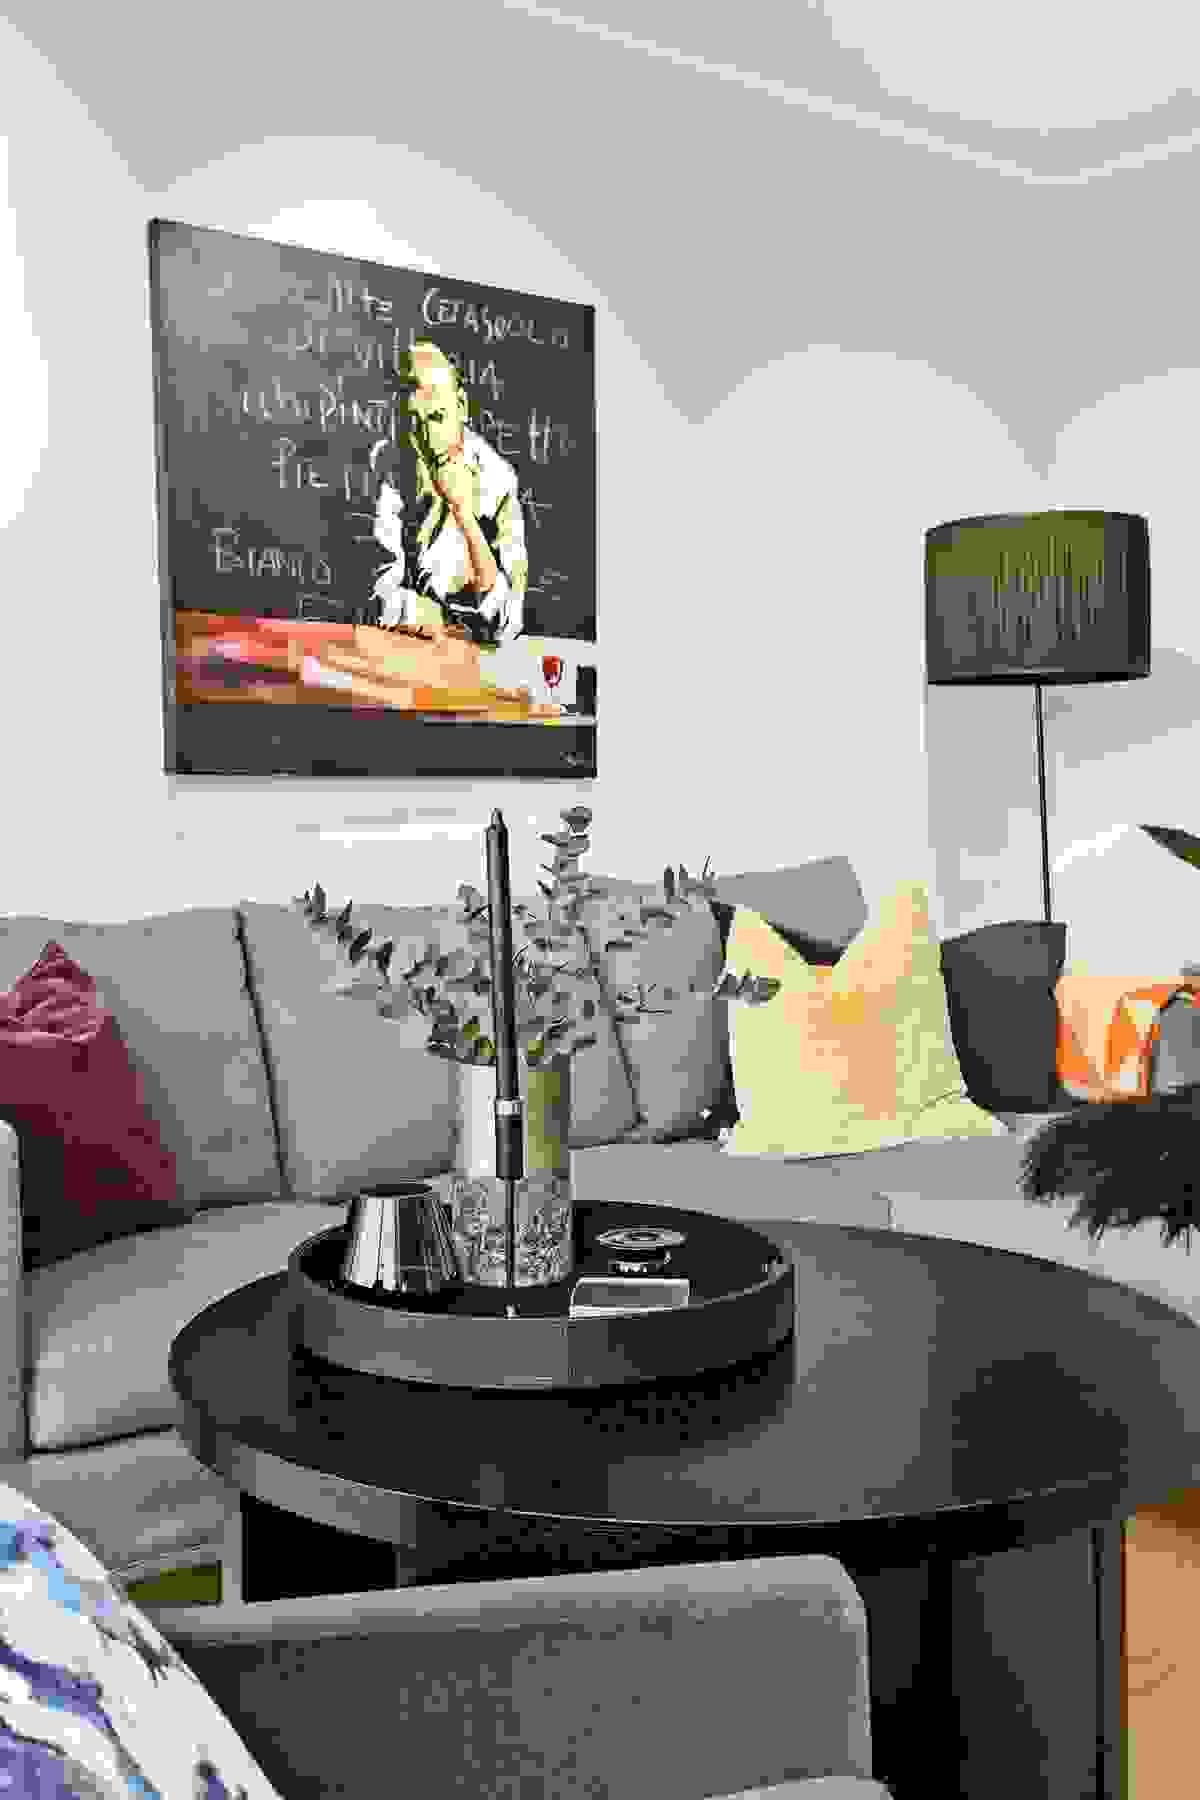 Innerst i rommet, og lengst vekk fra kjøkkenet, er det TV-uttak og plass til sofa-/lenestolemøbler